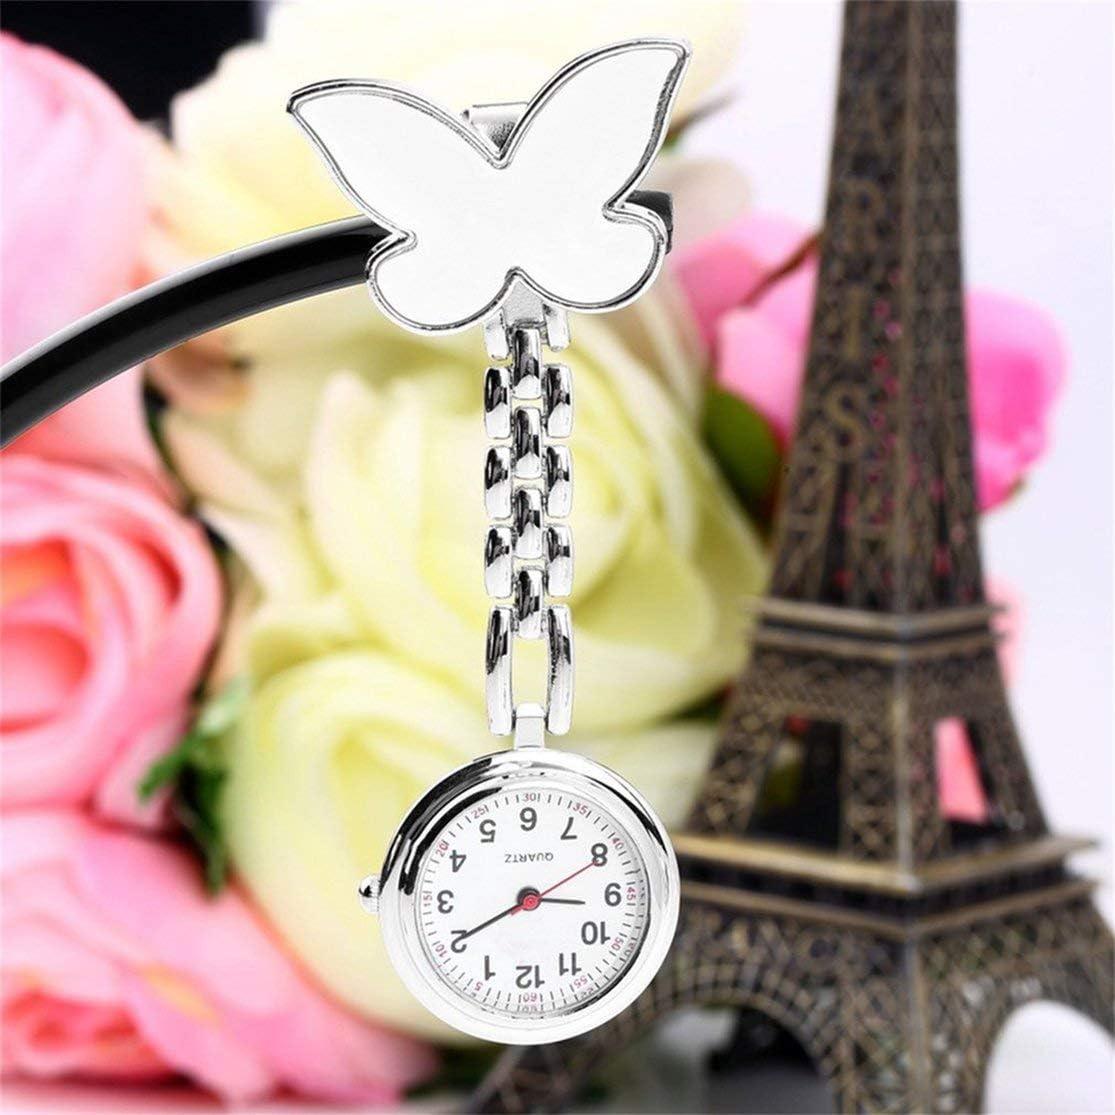 1 STÜCKE Tasche Medical Nurse Fob Uhr Frauen Kleiden Uhren 4 Farben Clip-on Anhänger Hängen Quarzuhr Schmetterling Form Weiß Kaemma White